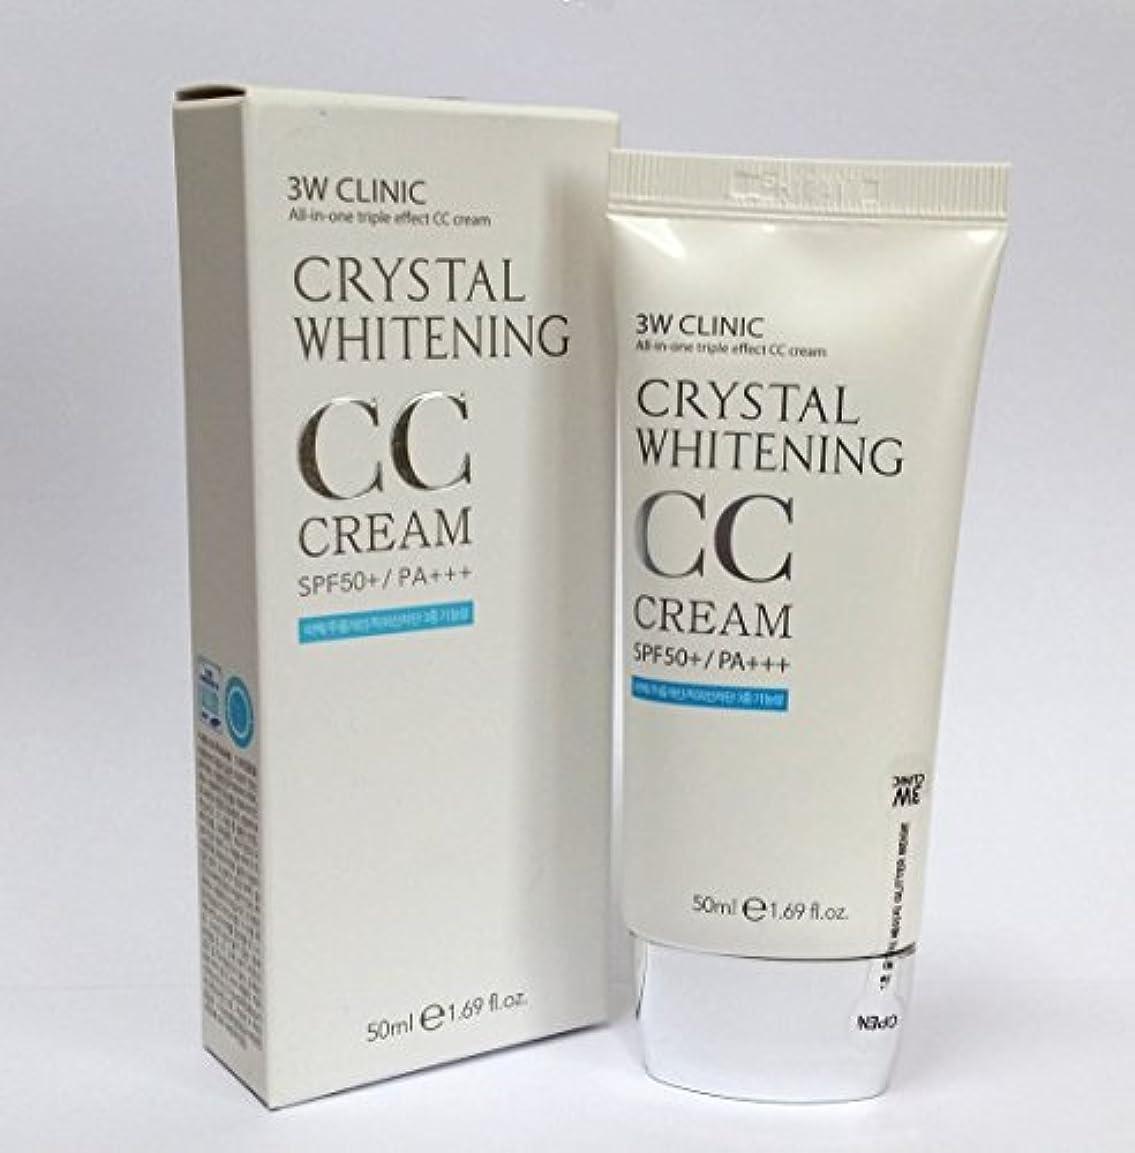 赤店主強い[3W CLINIC] クリスタルホワイトニングCCクリーム50ml SPF50 PA +++ / #02 Natural Beige / Crystal Whitening CC Cream 50ml SPF50 PA...